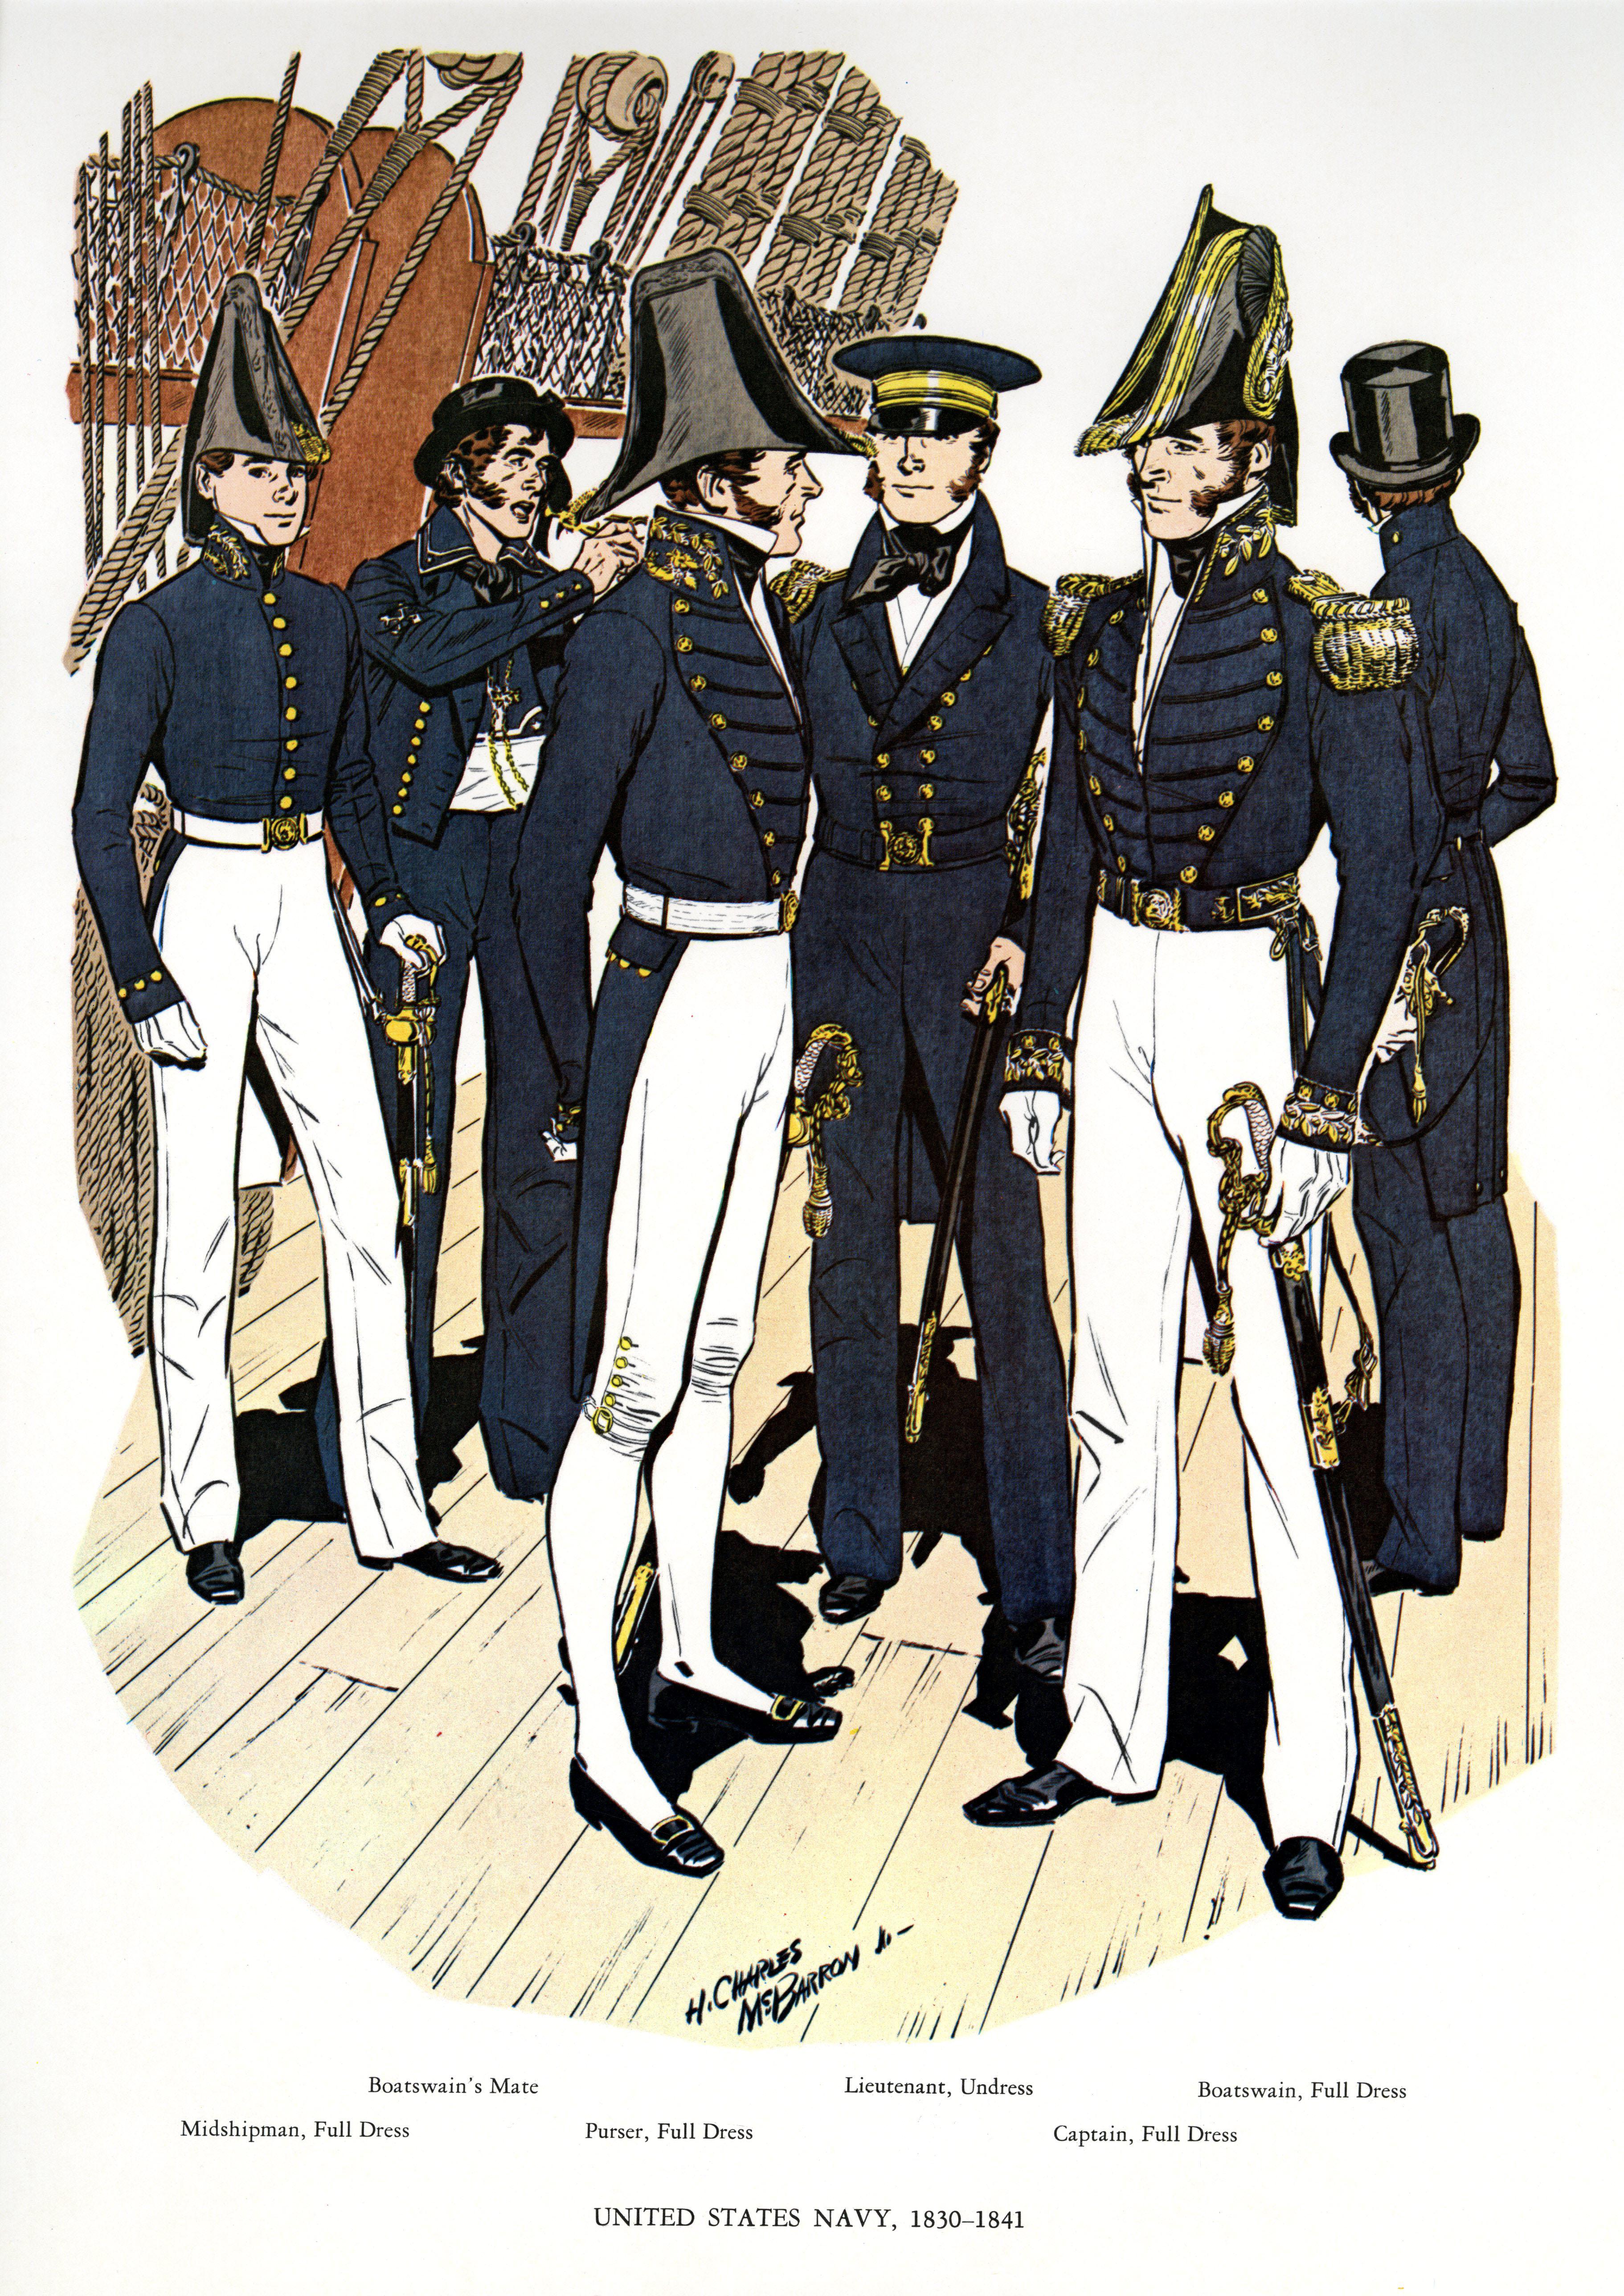 b23e6c50a Uniforms of the U.S. Navy 1830-1841